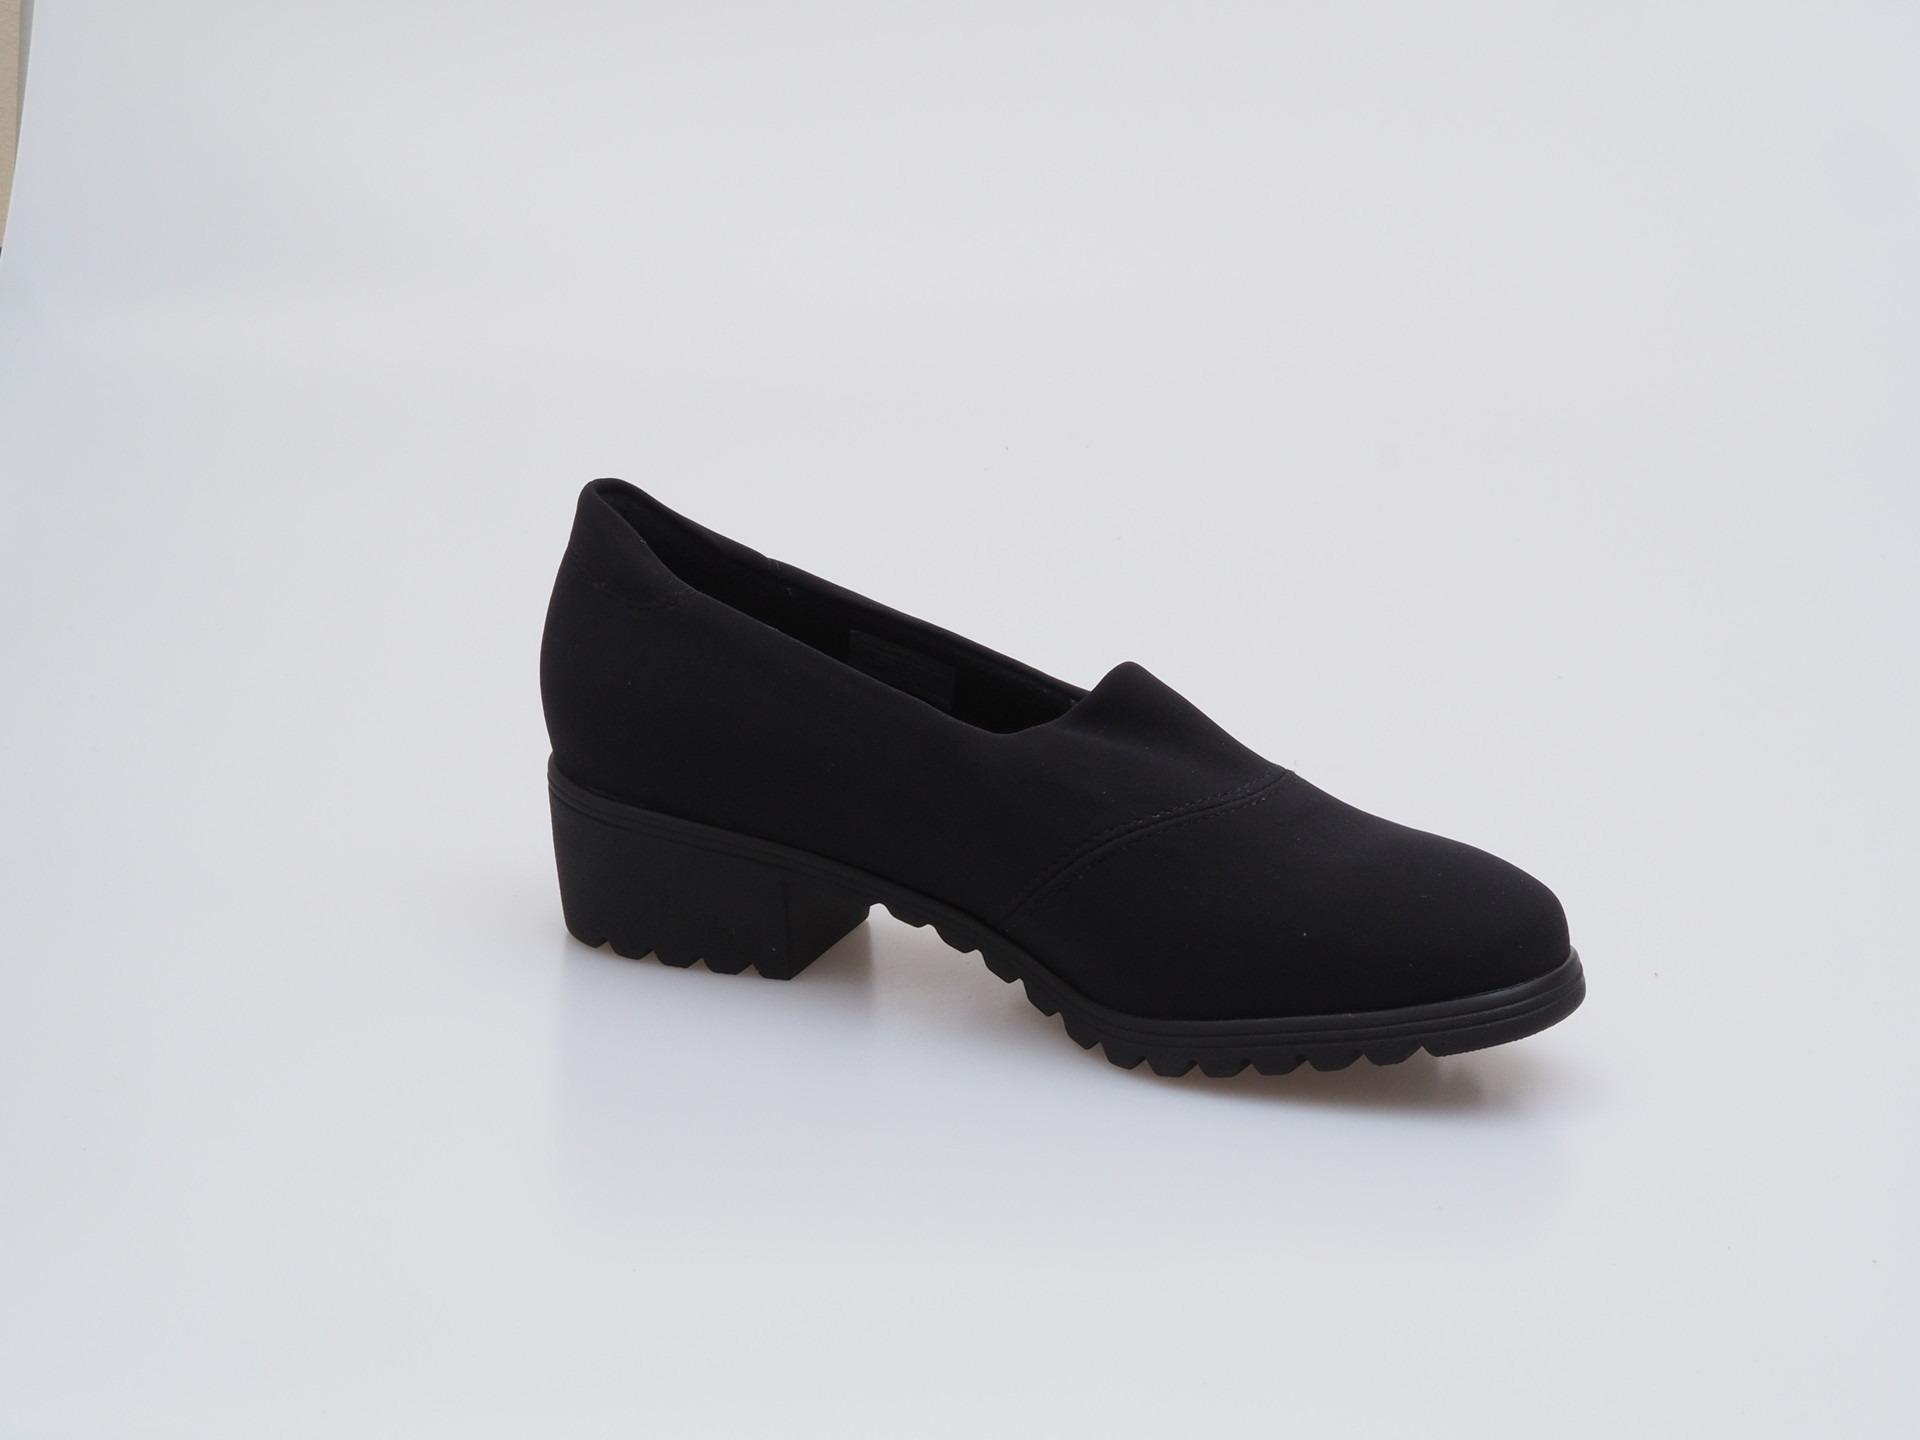 ARA - Poltopánky - Gore- texová dámska členková obuv značky Ara a994eaf8bdb